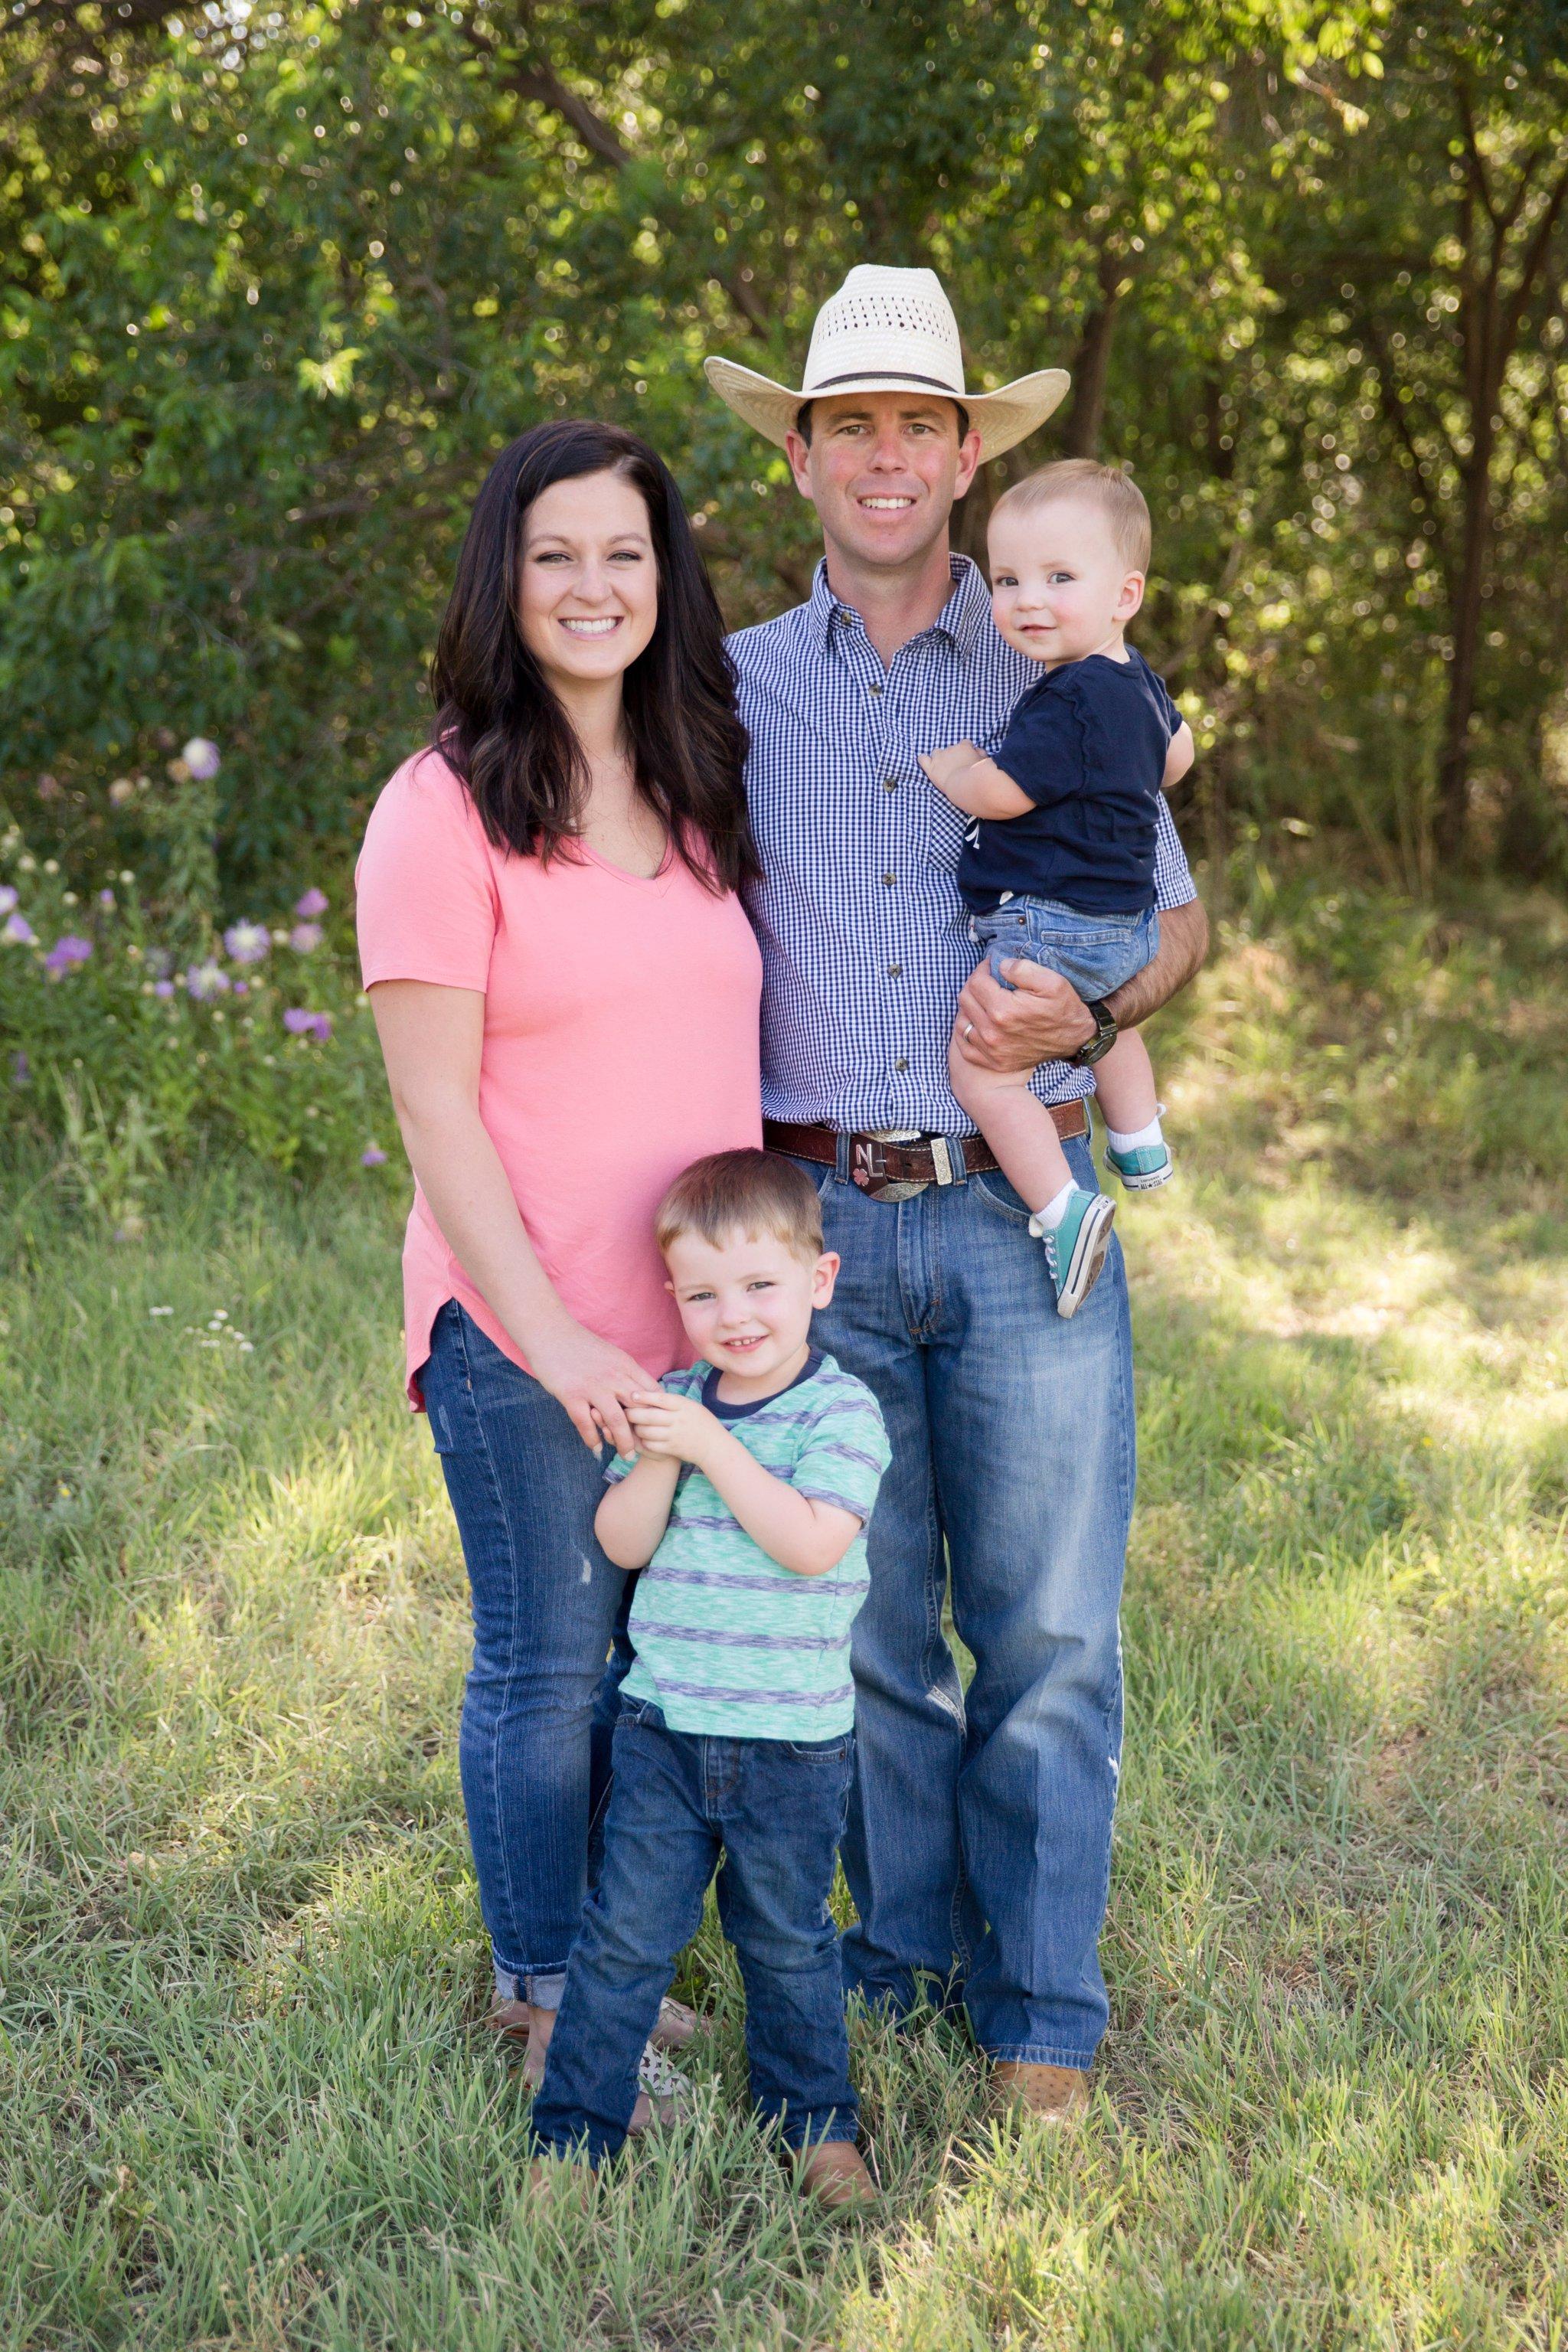 lubbock-family-photographer31.jpg